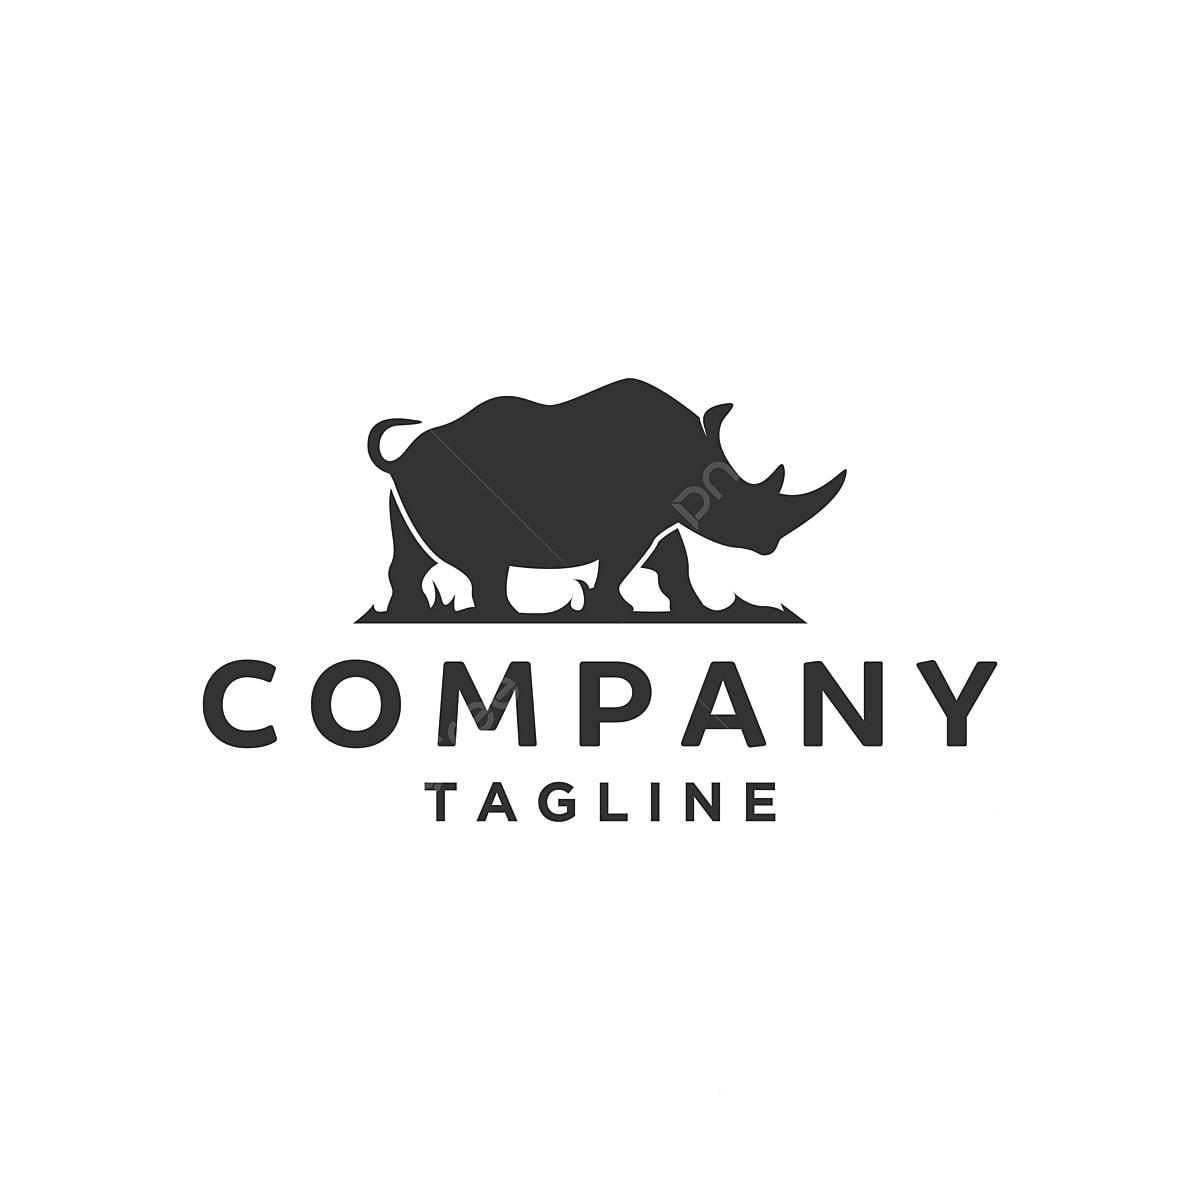 Silhouette Of Rhino Logo Designs, Rhino, Rhinoceros, Vector